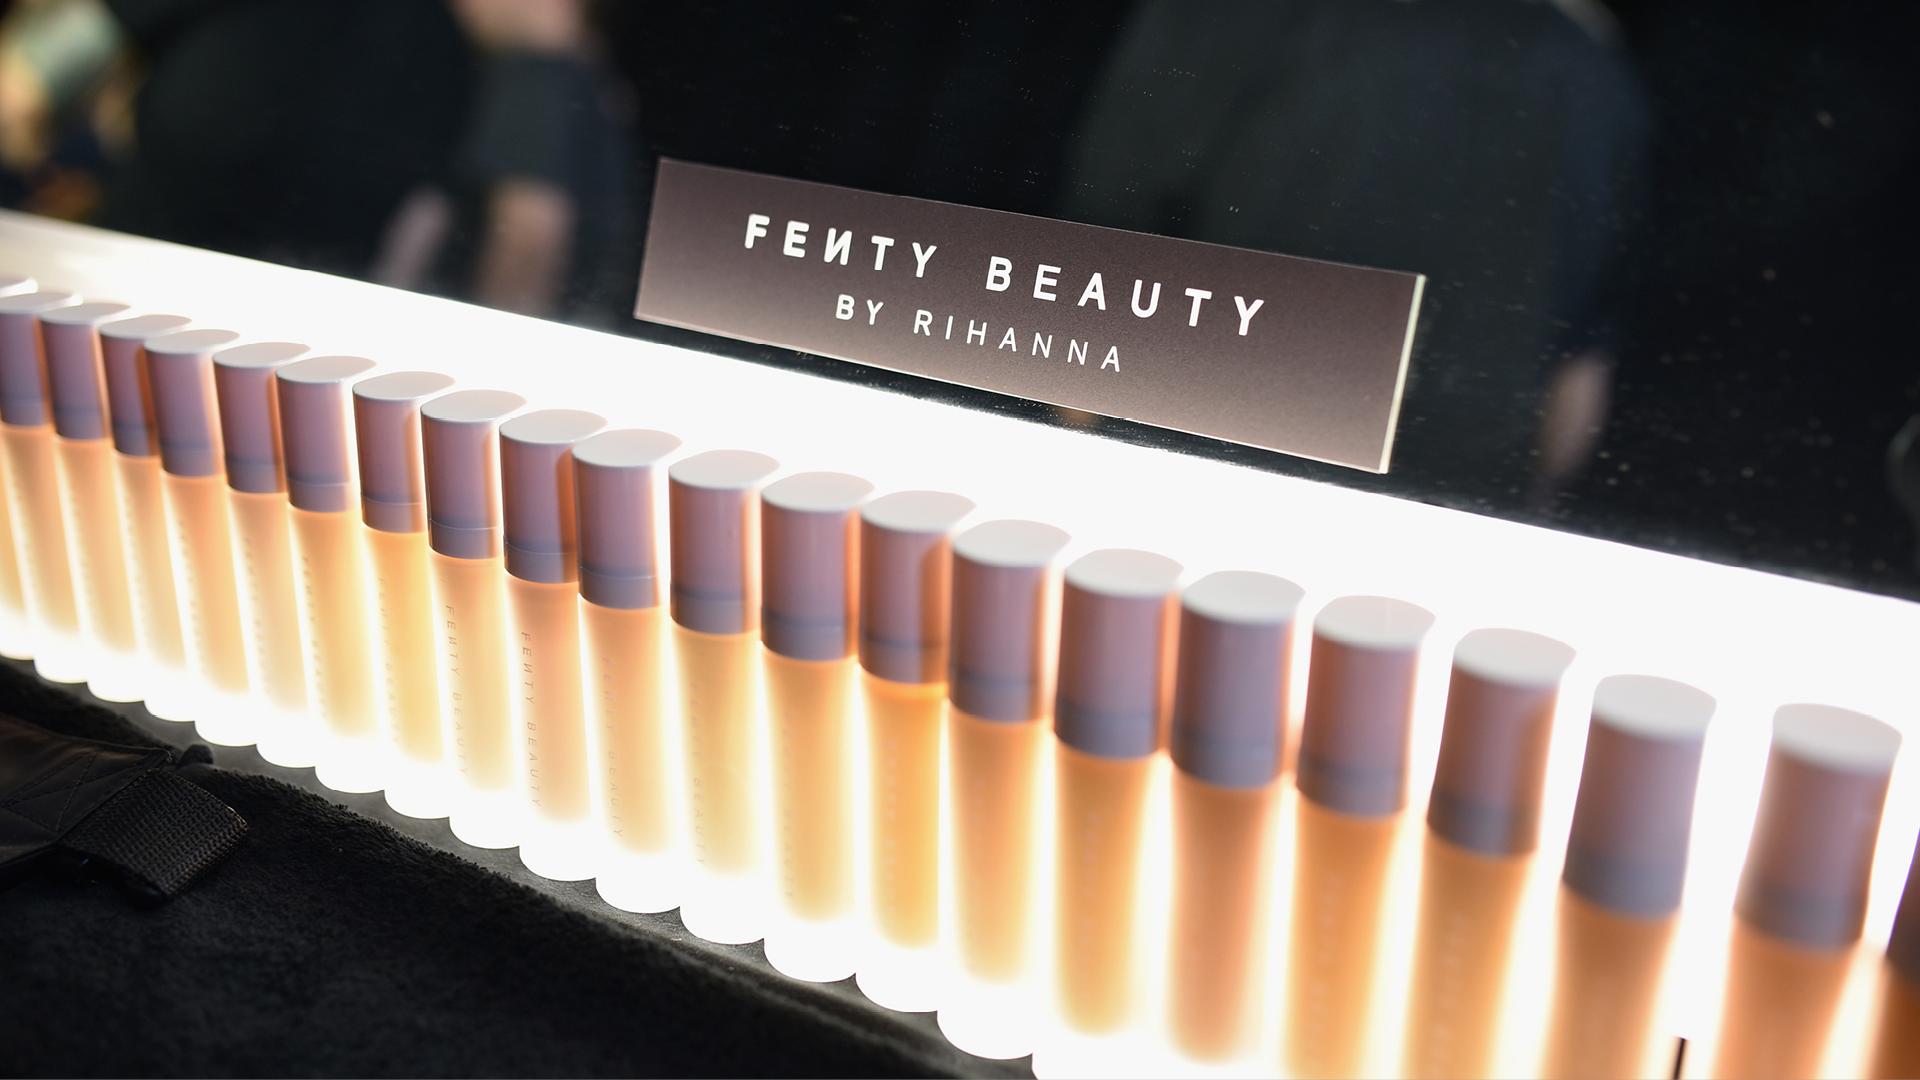 ريهانا-Fenty Beauty-المملكة العربية السعودية